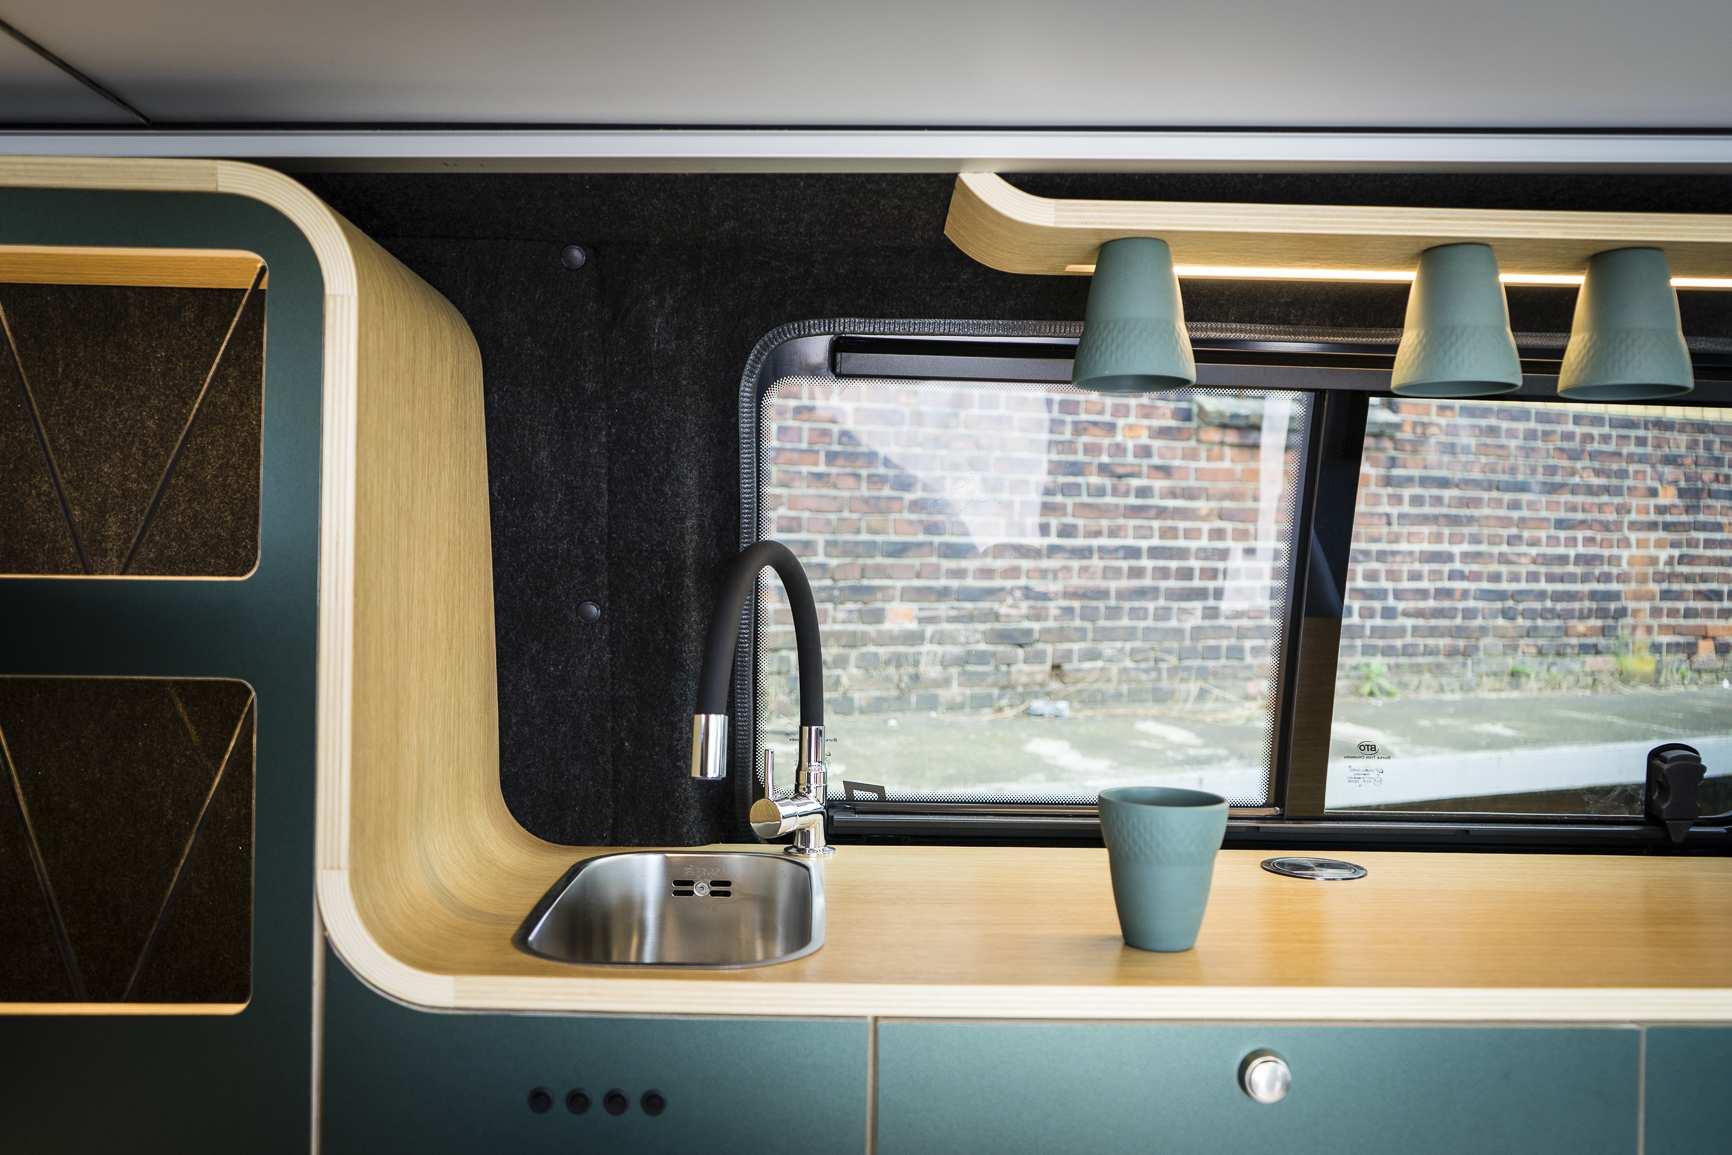 Waschbecken und Tassenhalter